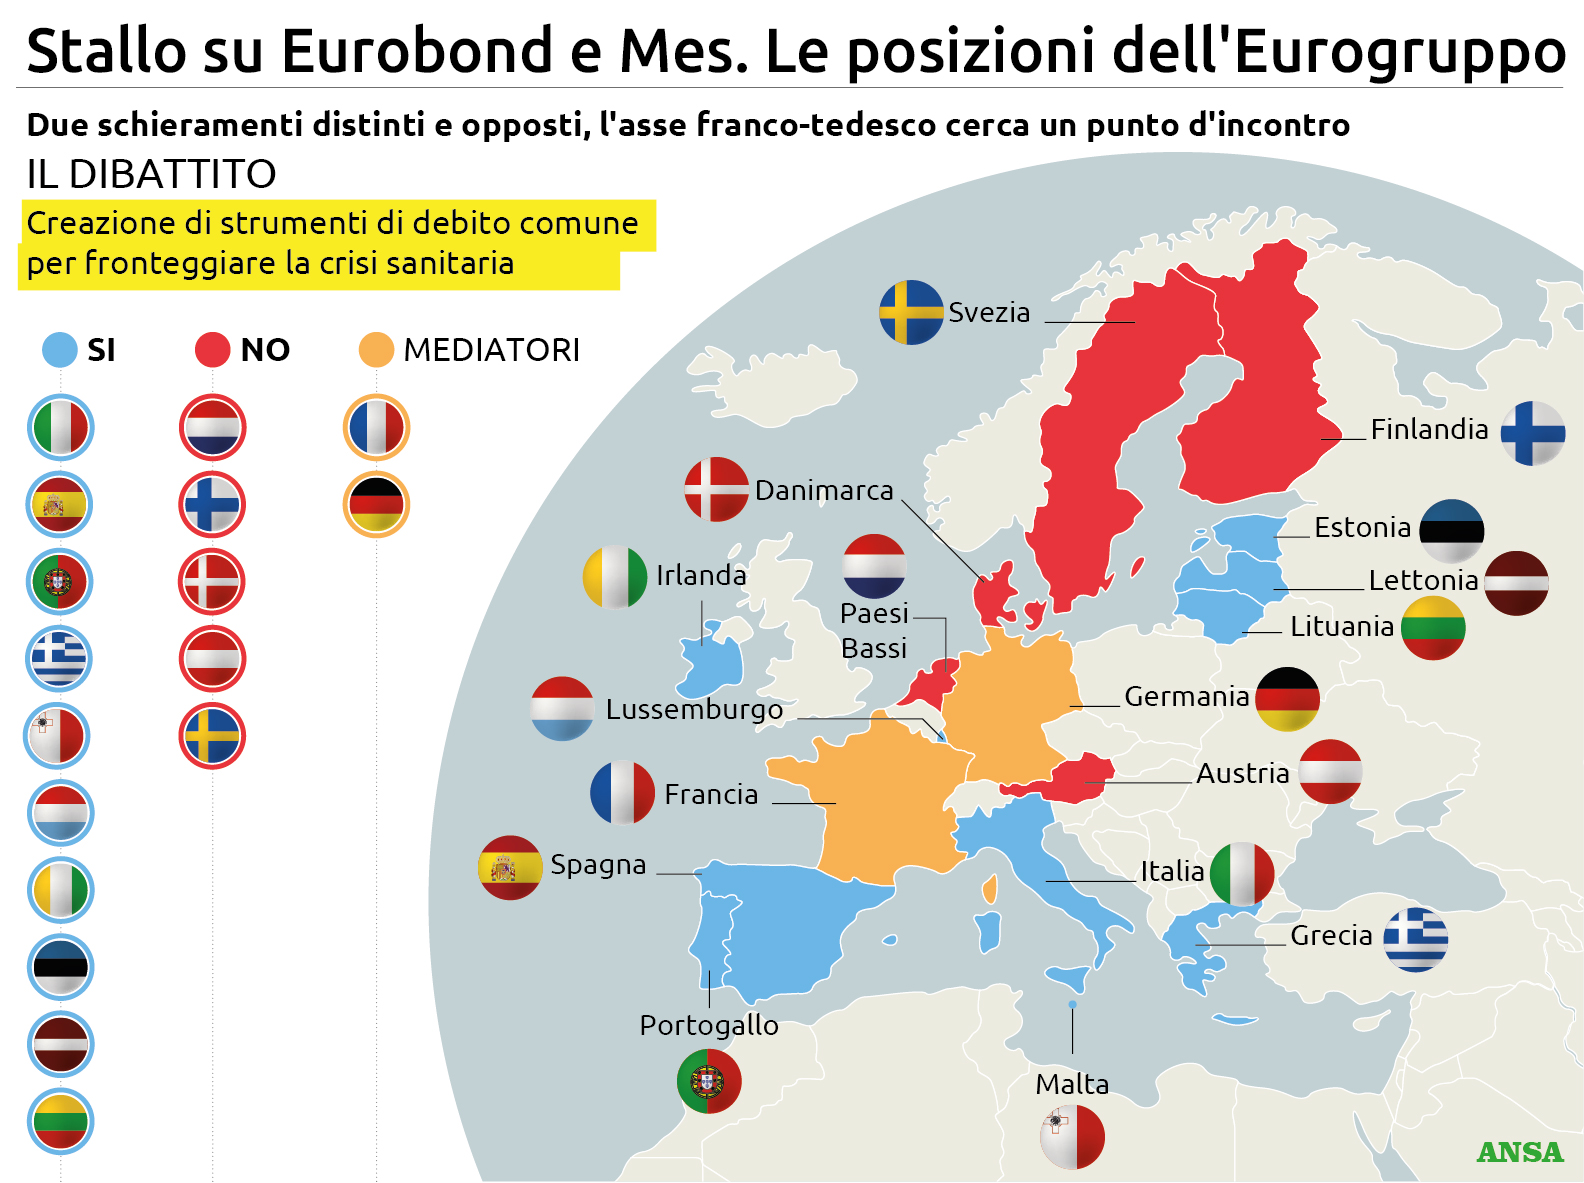 La cattiveria di quattro piccoli stati intralcia il benessere di tutta l'Europa